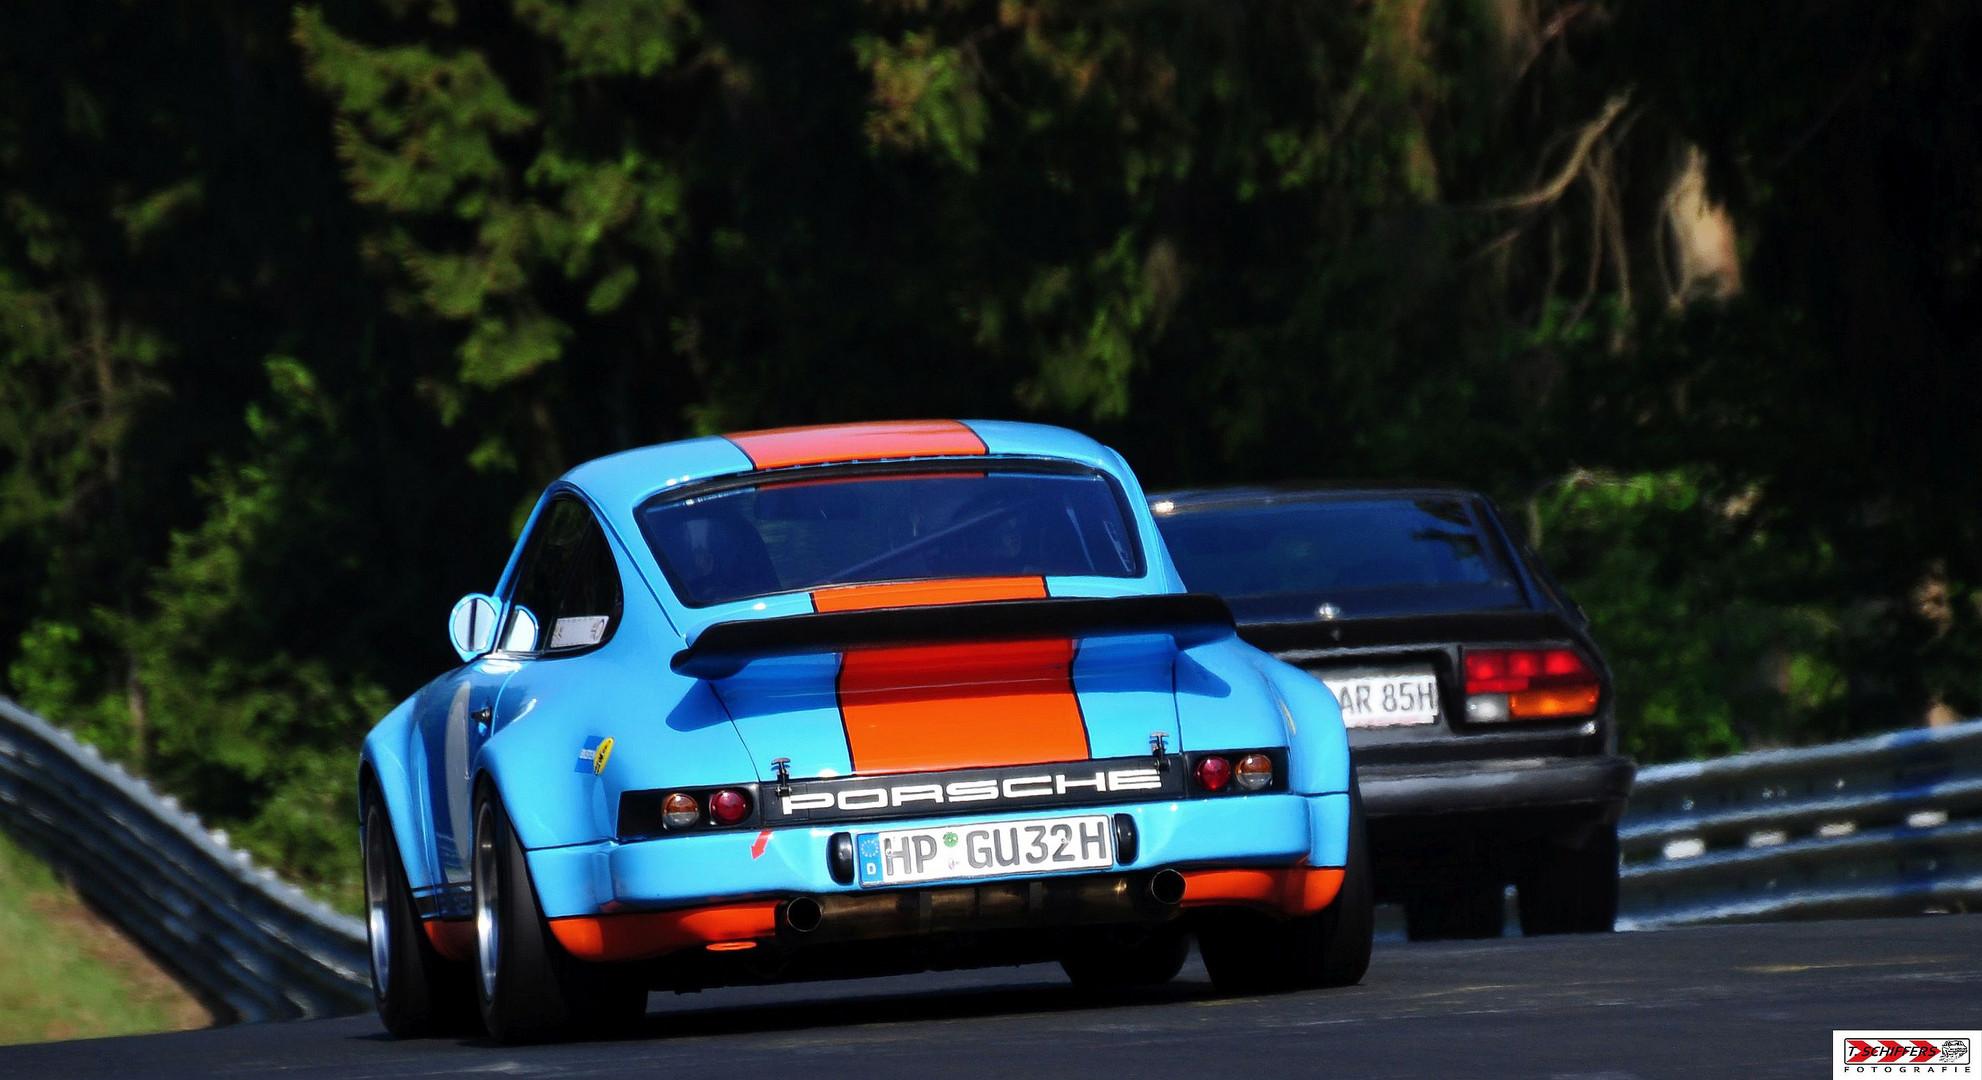 Motorsport ganz klassisch ...